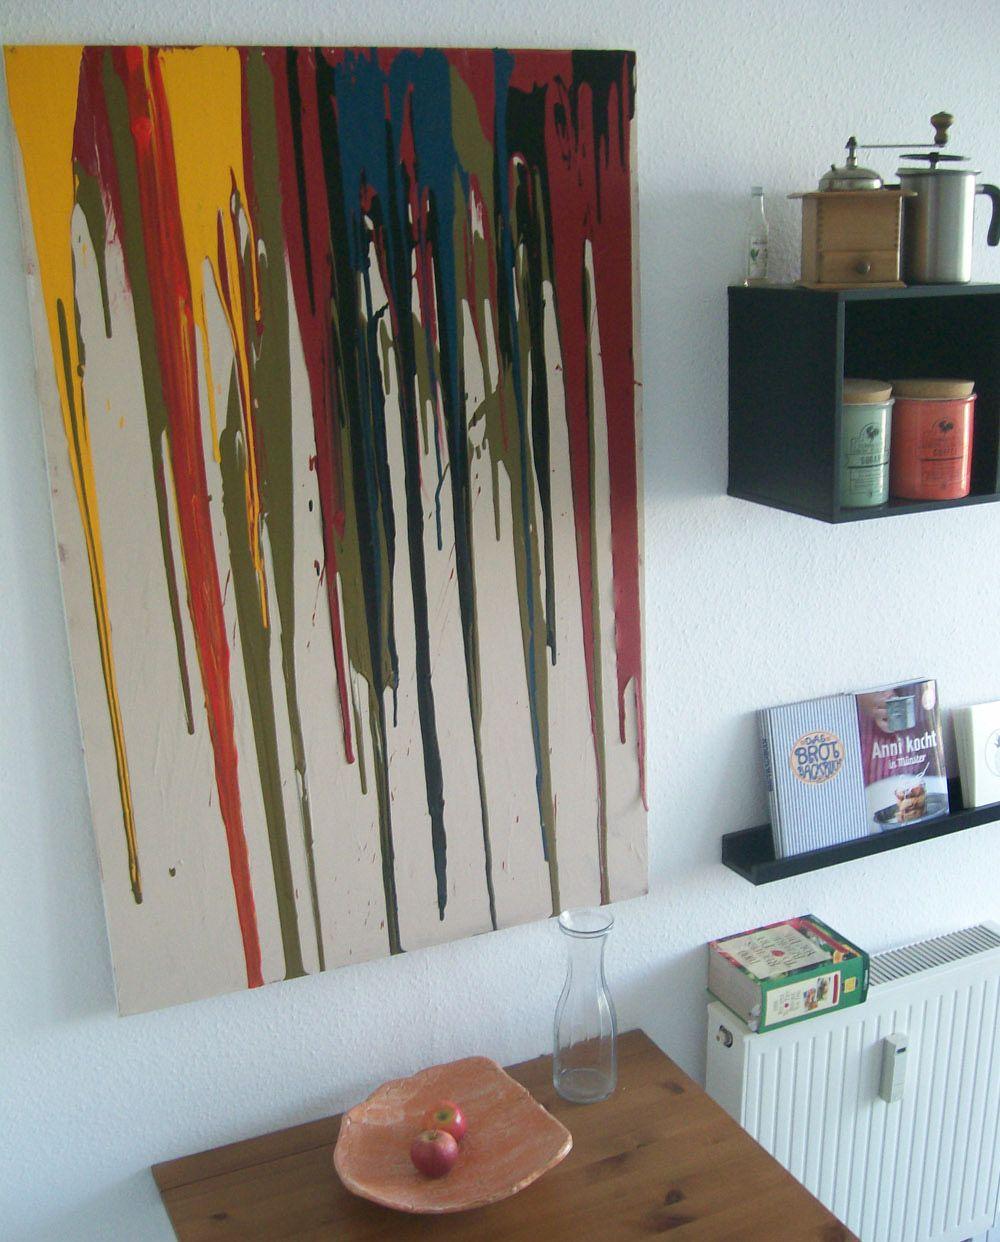 Wanddekoration wohnzimmer selber machen  Wanddekoration selbermachen - kreatives Wandbild selbst gestalten ...